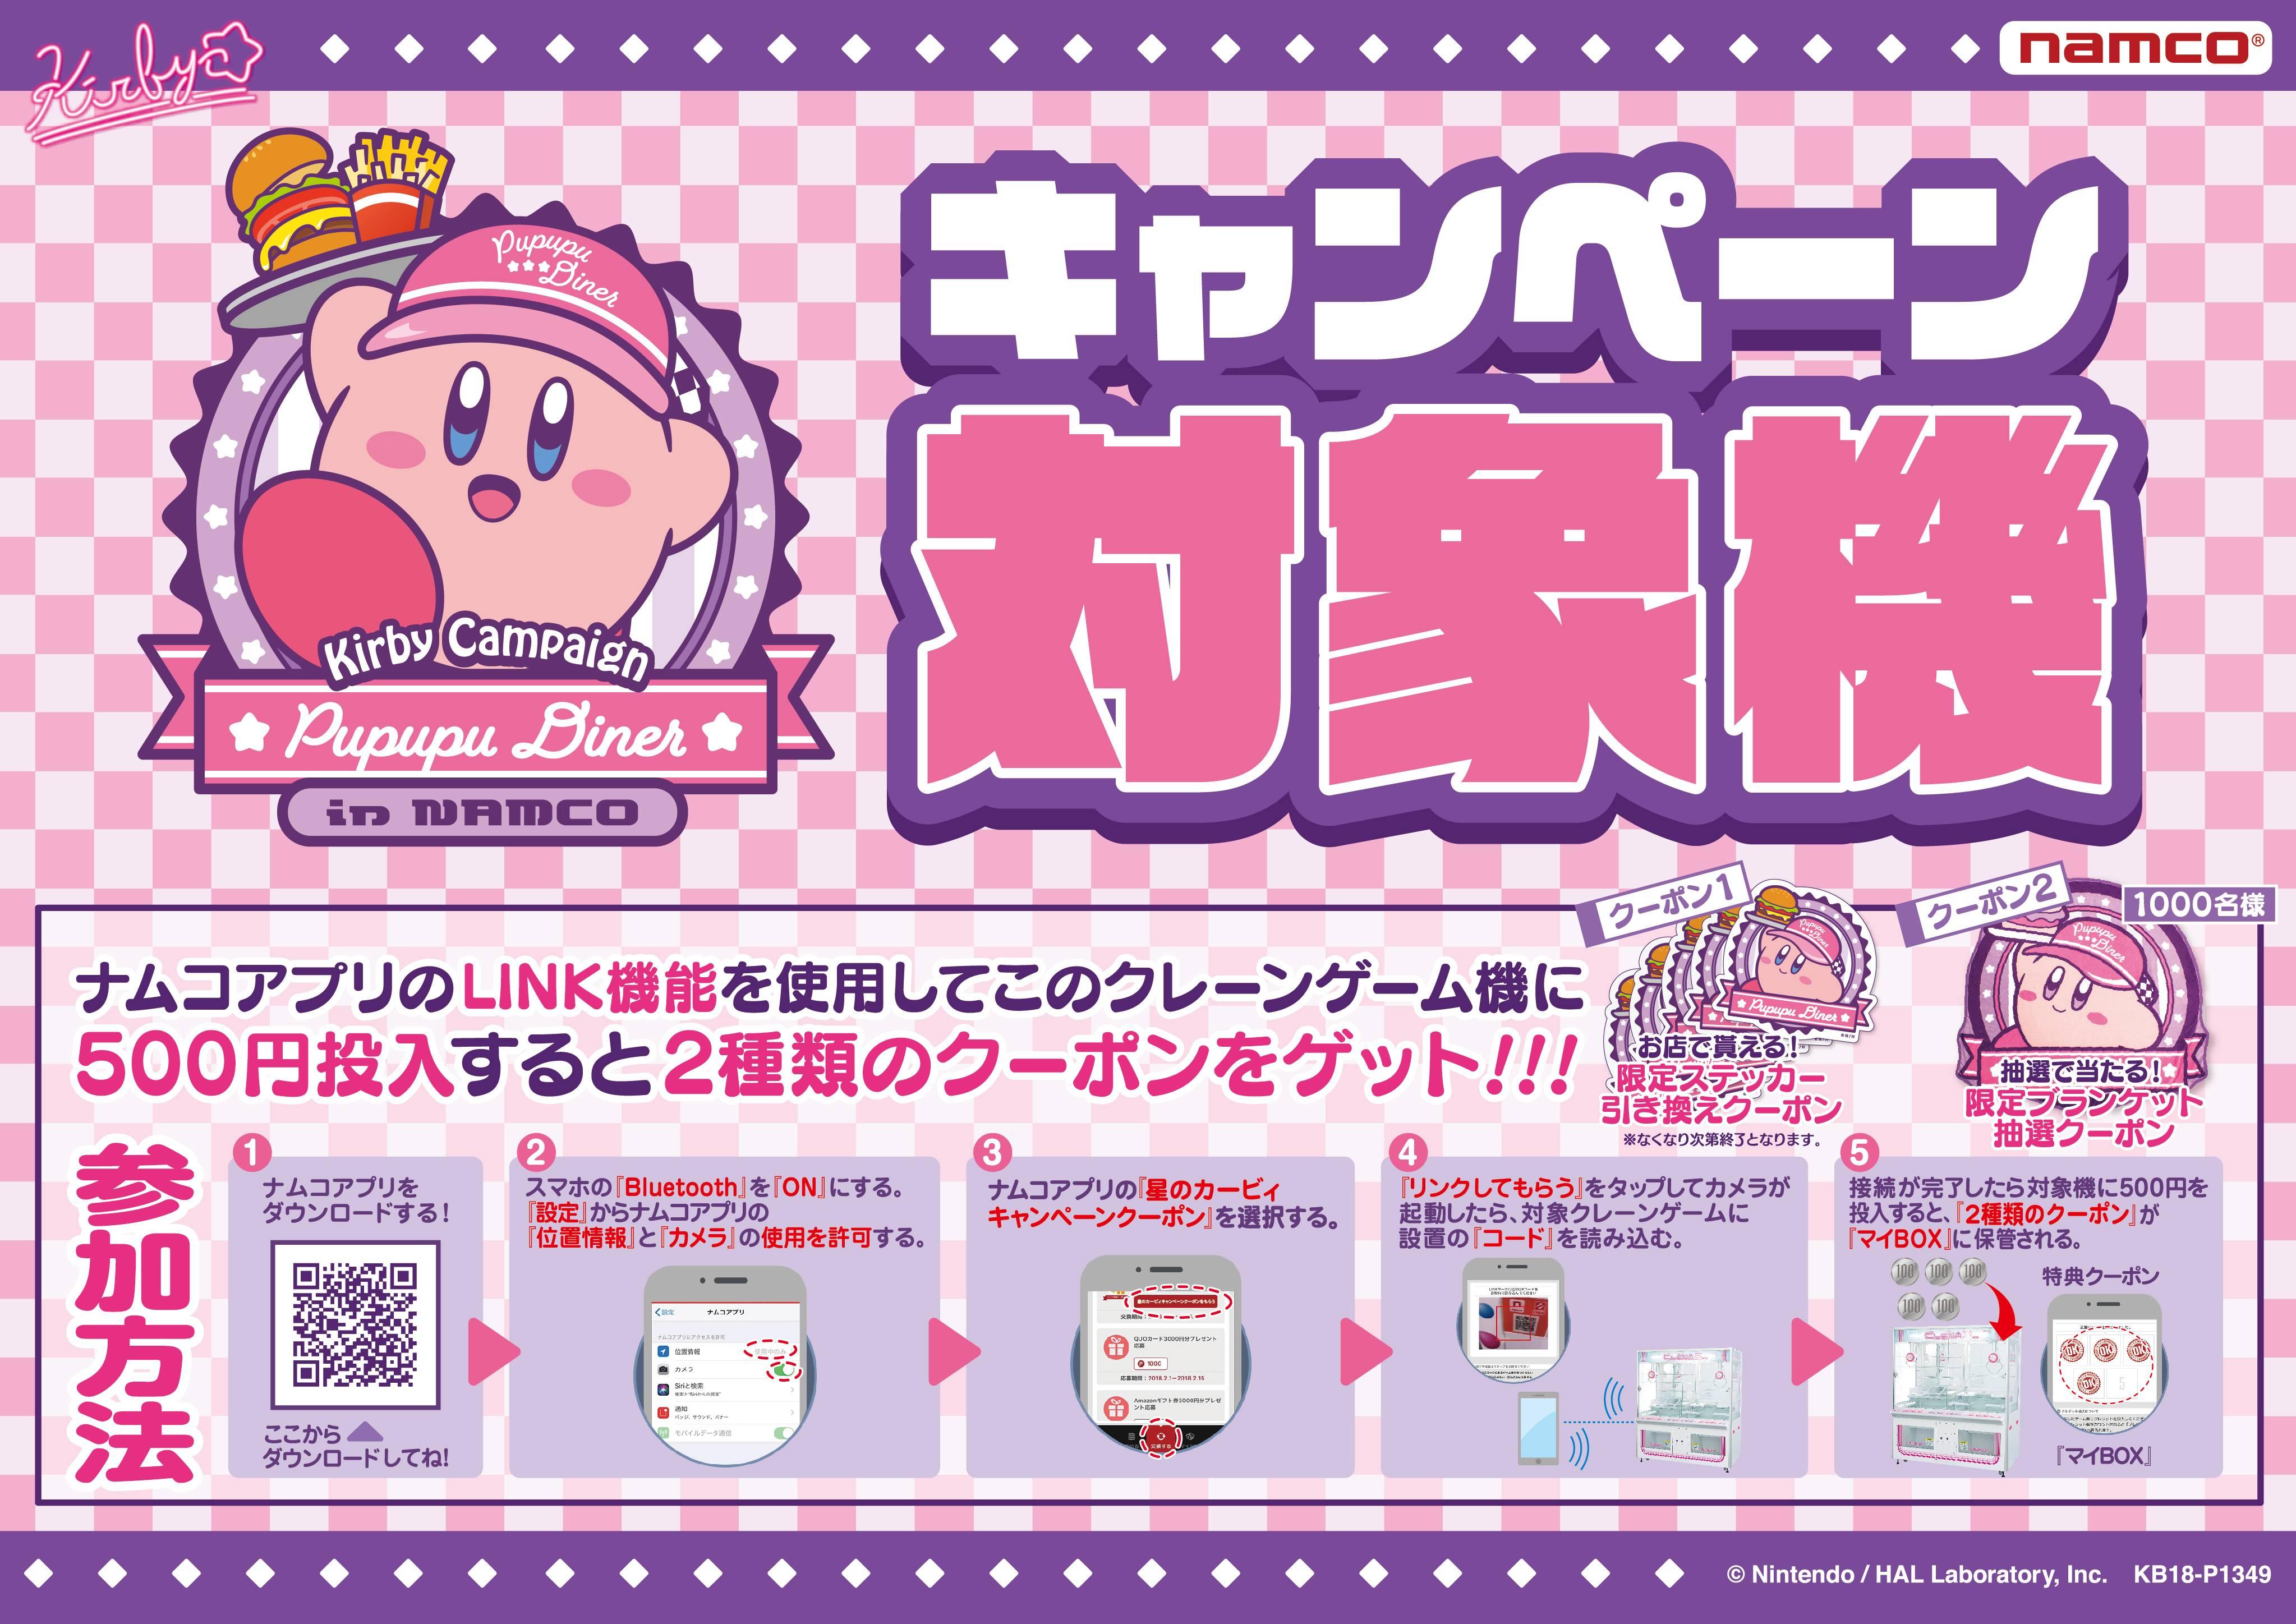 星のカービィキャンペーン Namcoフジグラン三原店 ゲームセンター